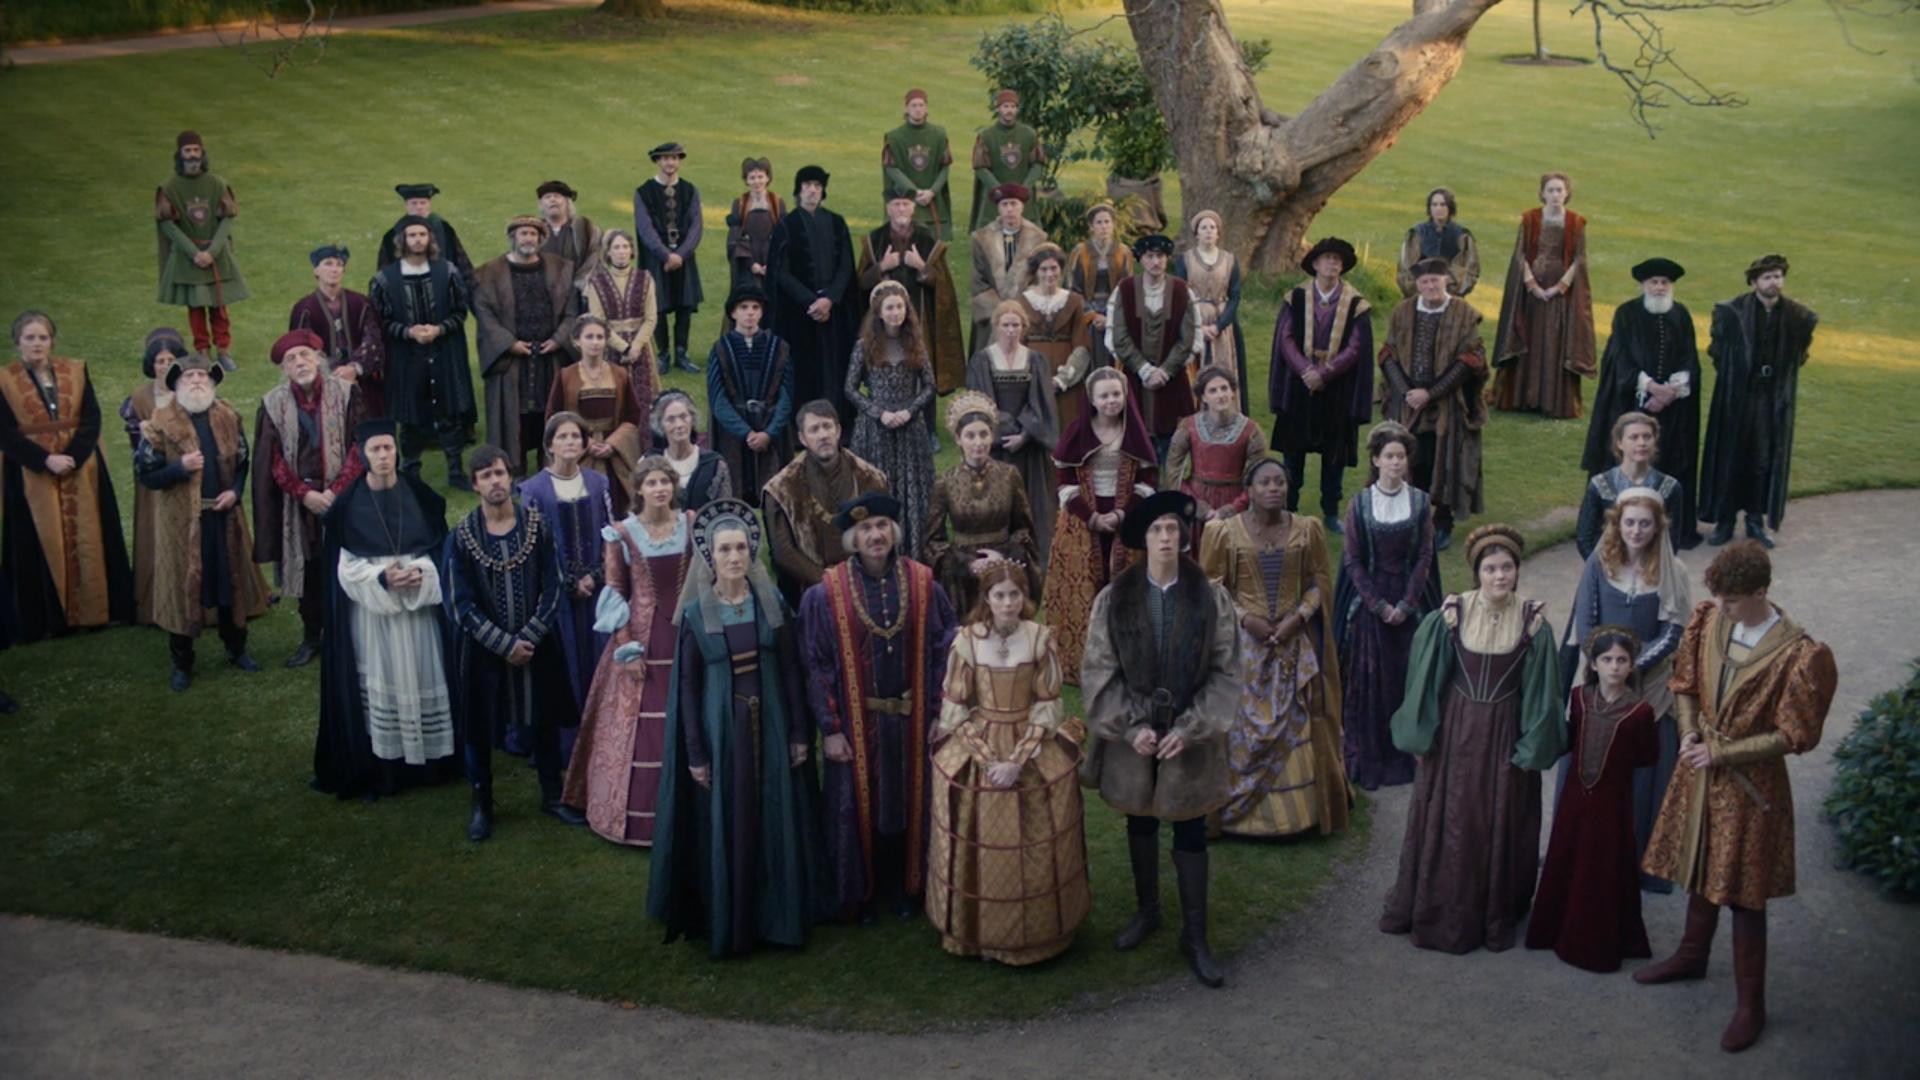 «Гадюшник» в королевском семействе. Сериал «Испанская принцесса», в котором про него рассказывается